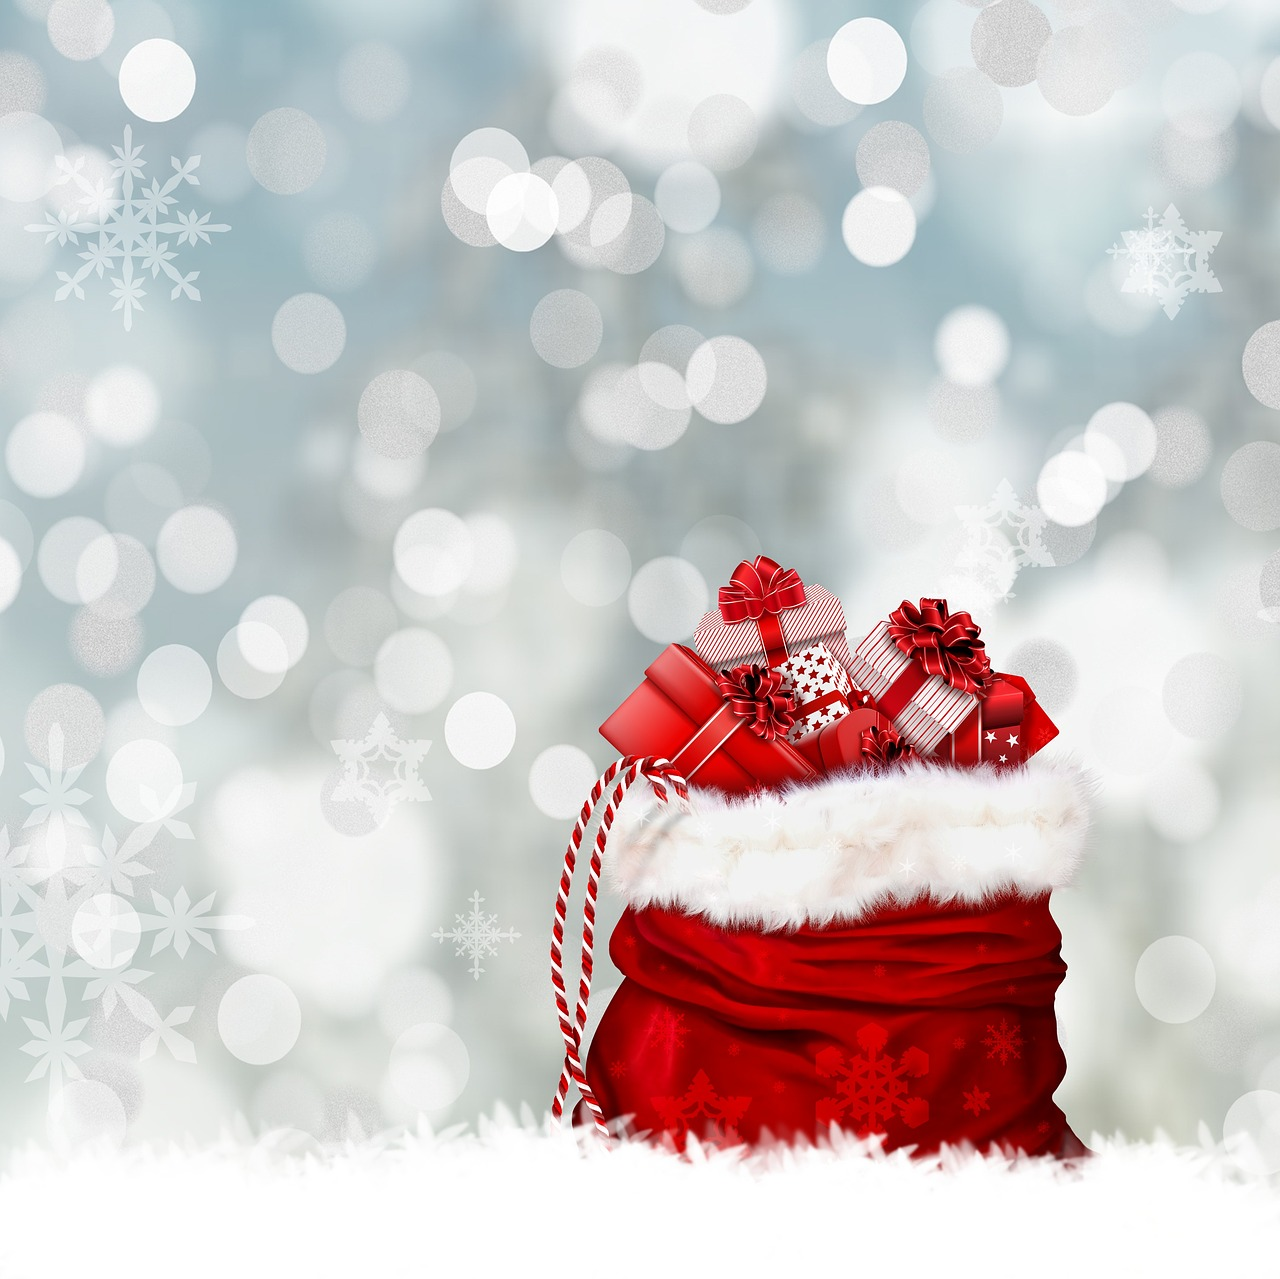 Il sacco pieno di regali natalizi